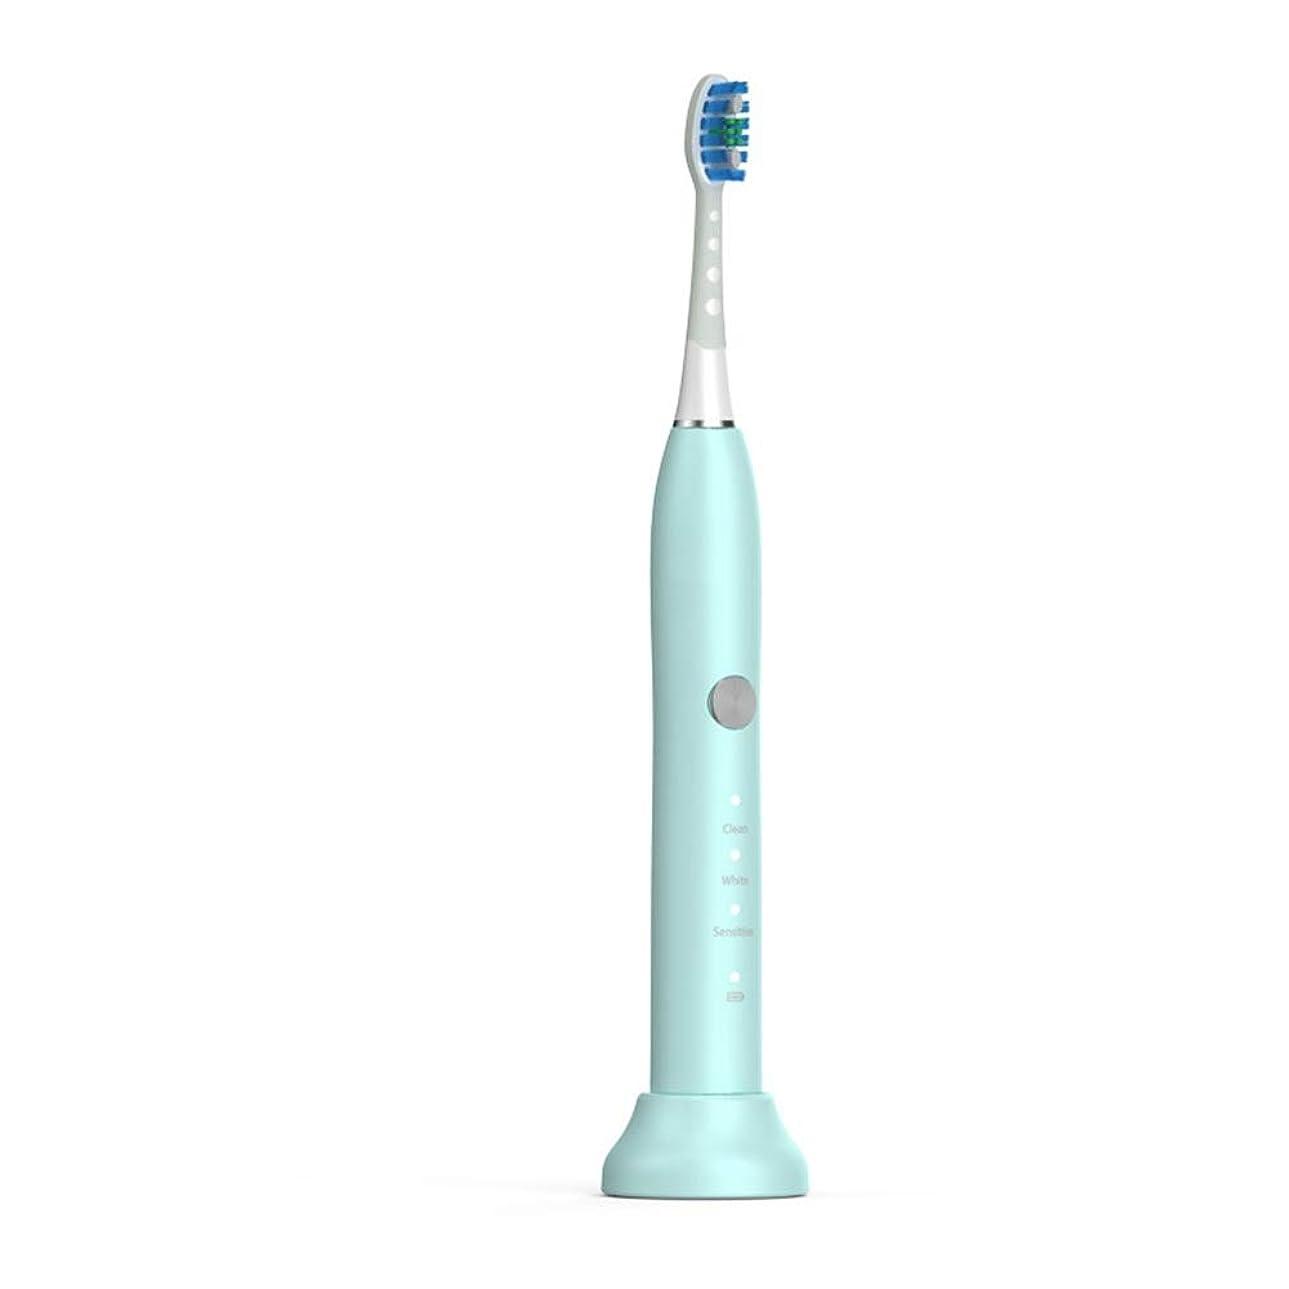 エールループミット自動歯ブラシ USB充電ベースホルダー付きソフトヘア保護クリーン電動歯ブラシ (色 : 緑, サイズ : Free size)